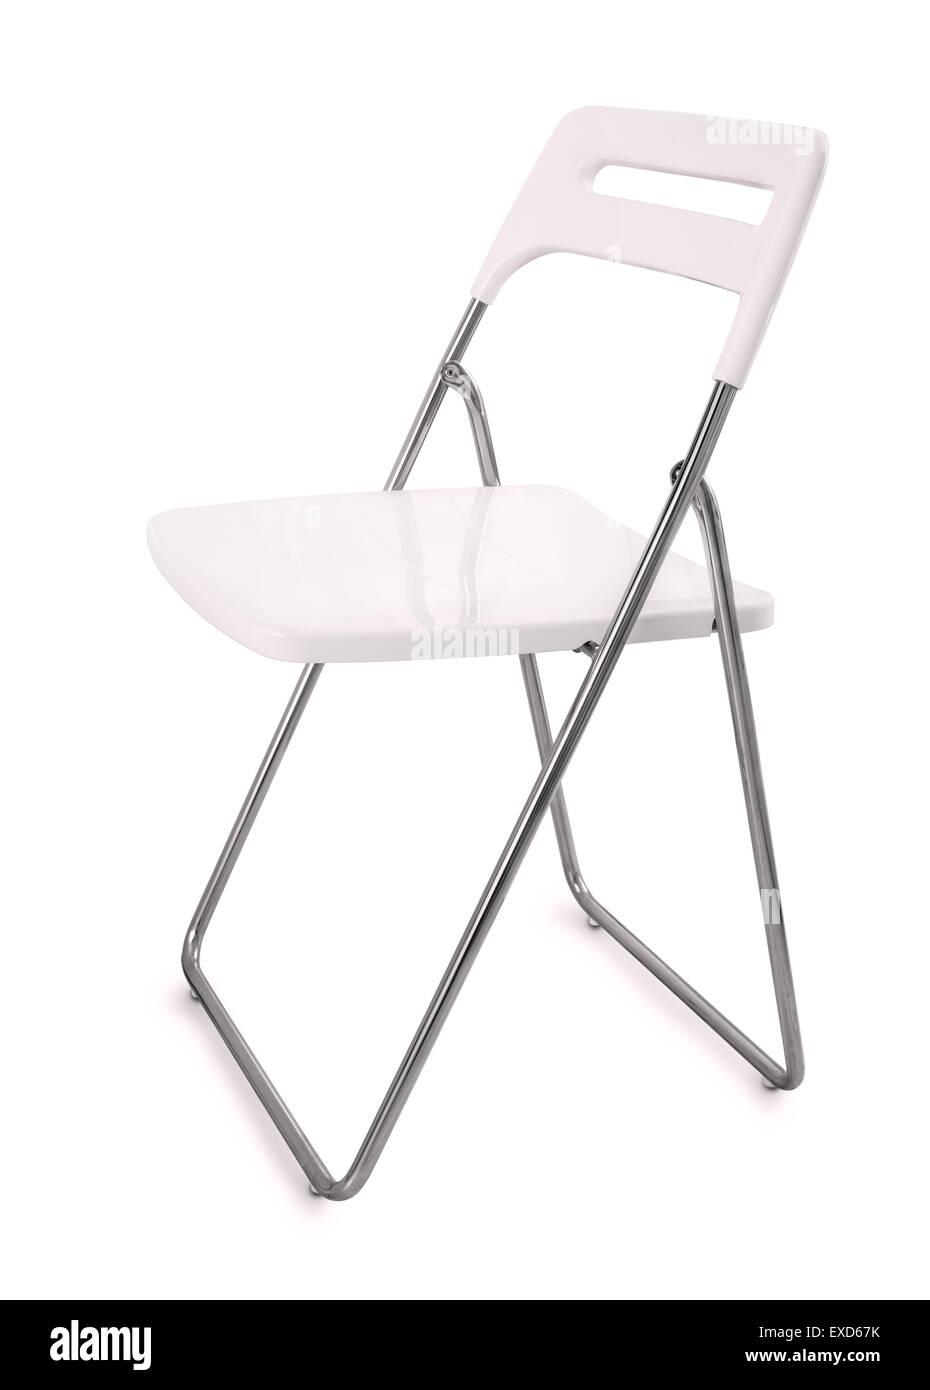 Weissem Kunststoff Klappstuhl Isoliert Auf Weiss Stockfoto Bild